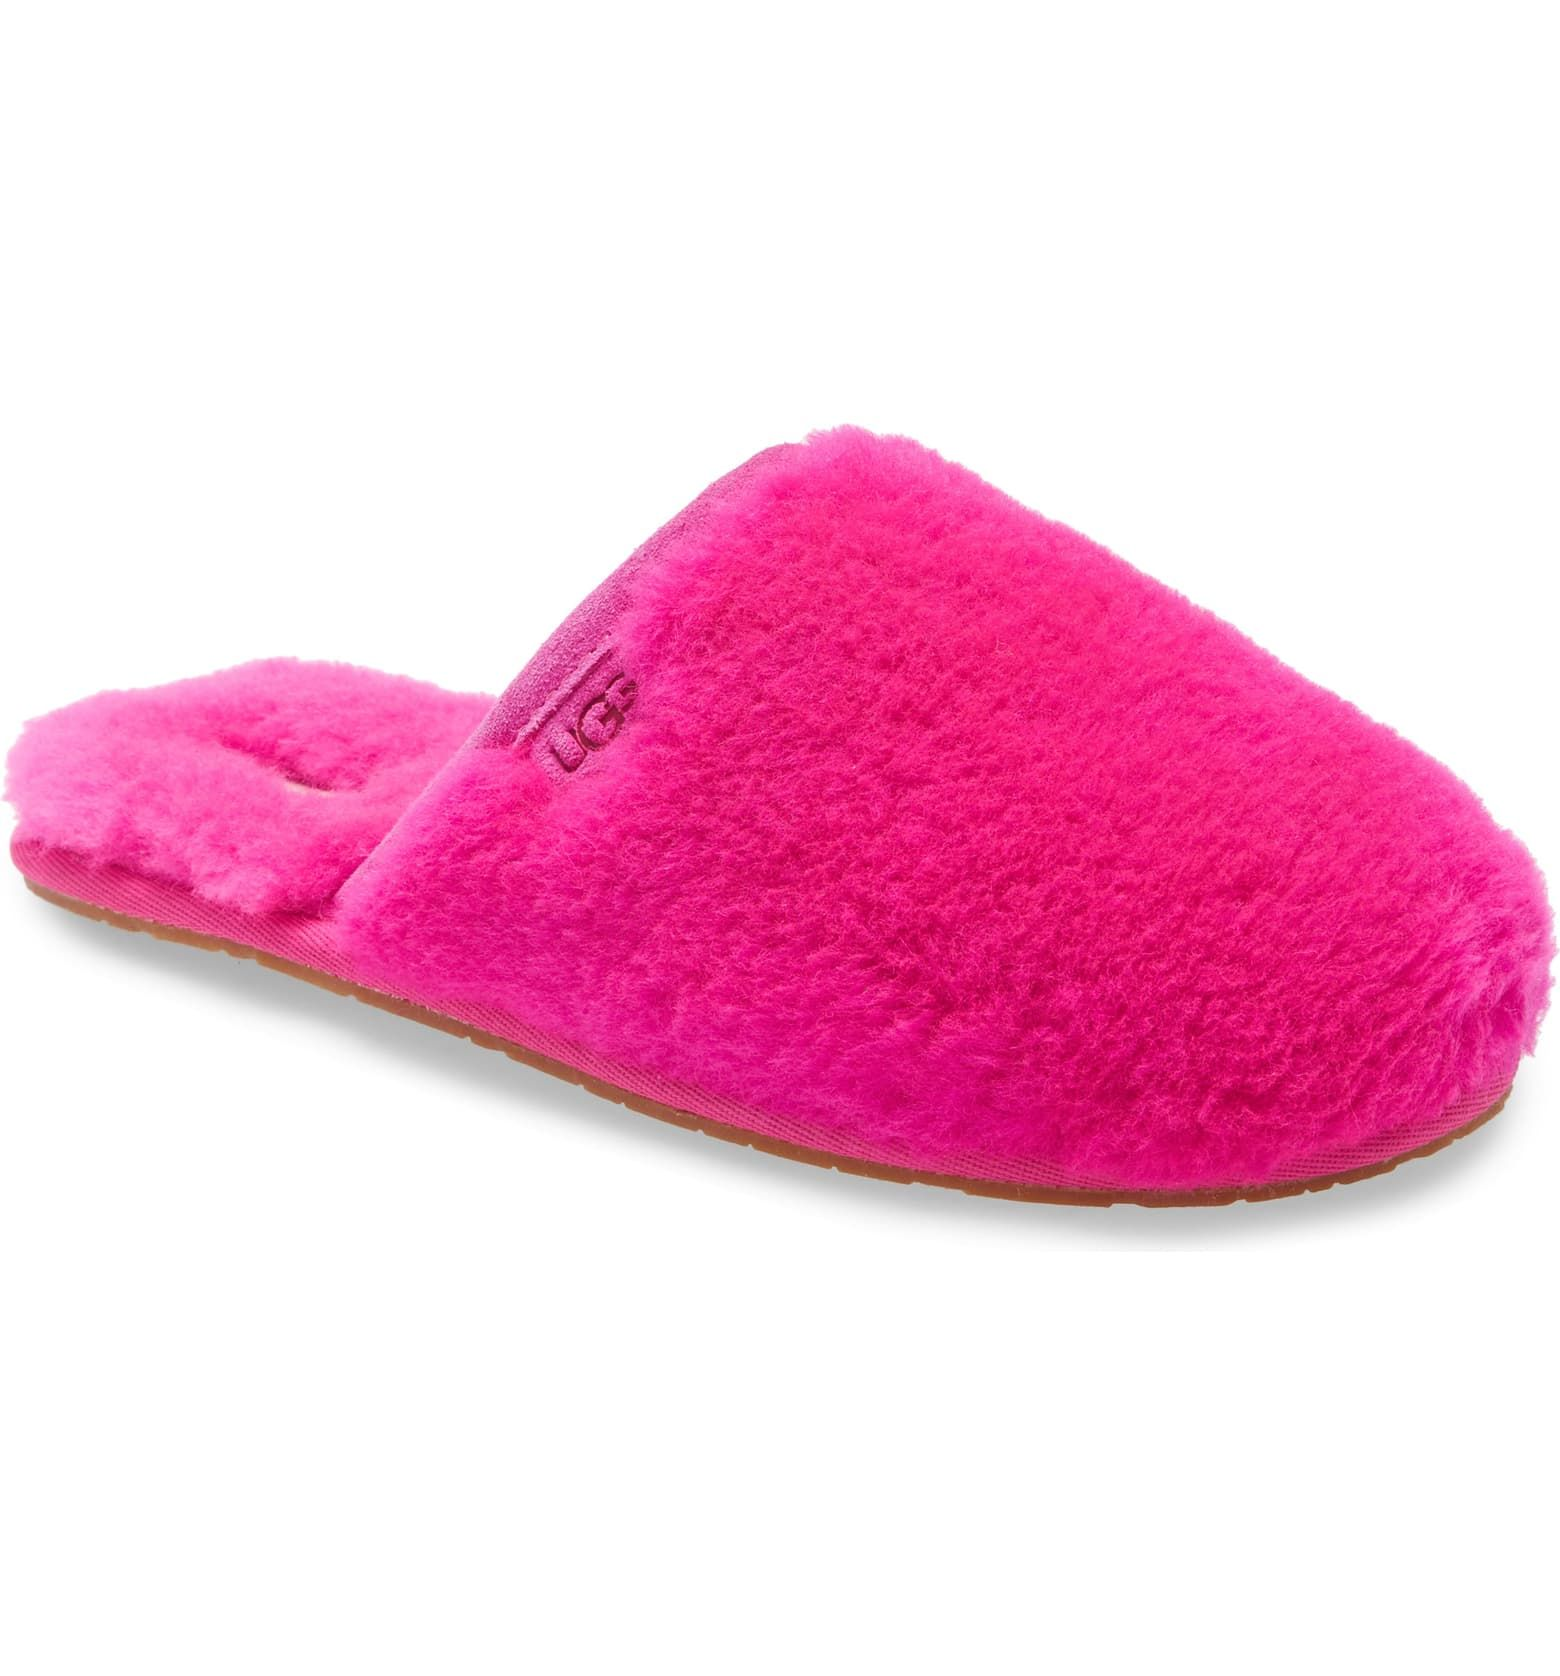 UGG® Fluffette Slipper (Women) | Nordstrom in 2020 | Womens slippers,  Slippers, Pink ugg slippers